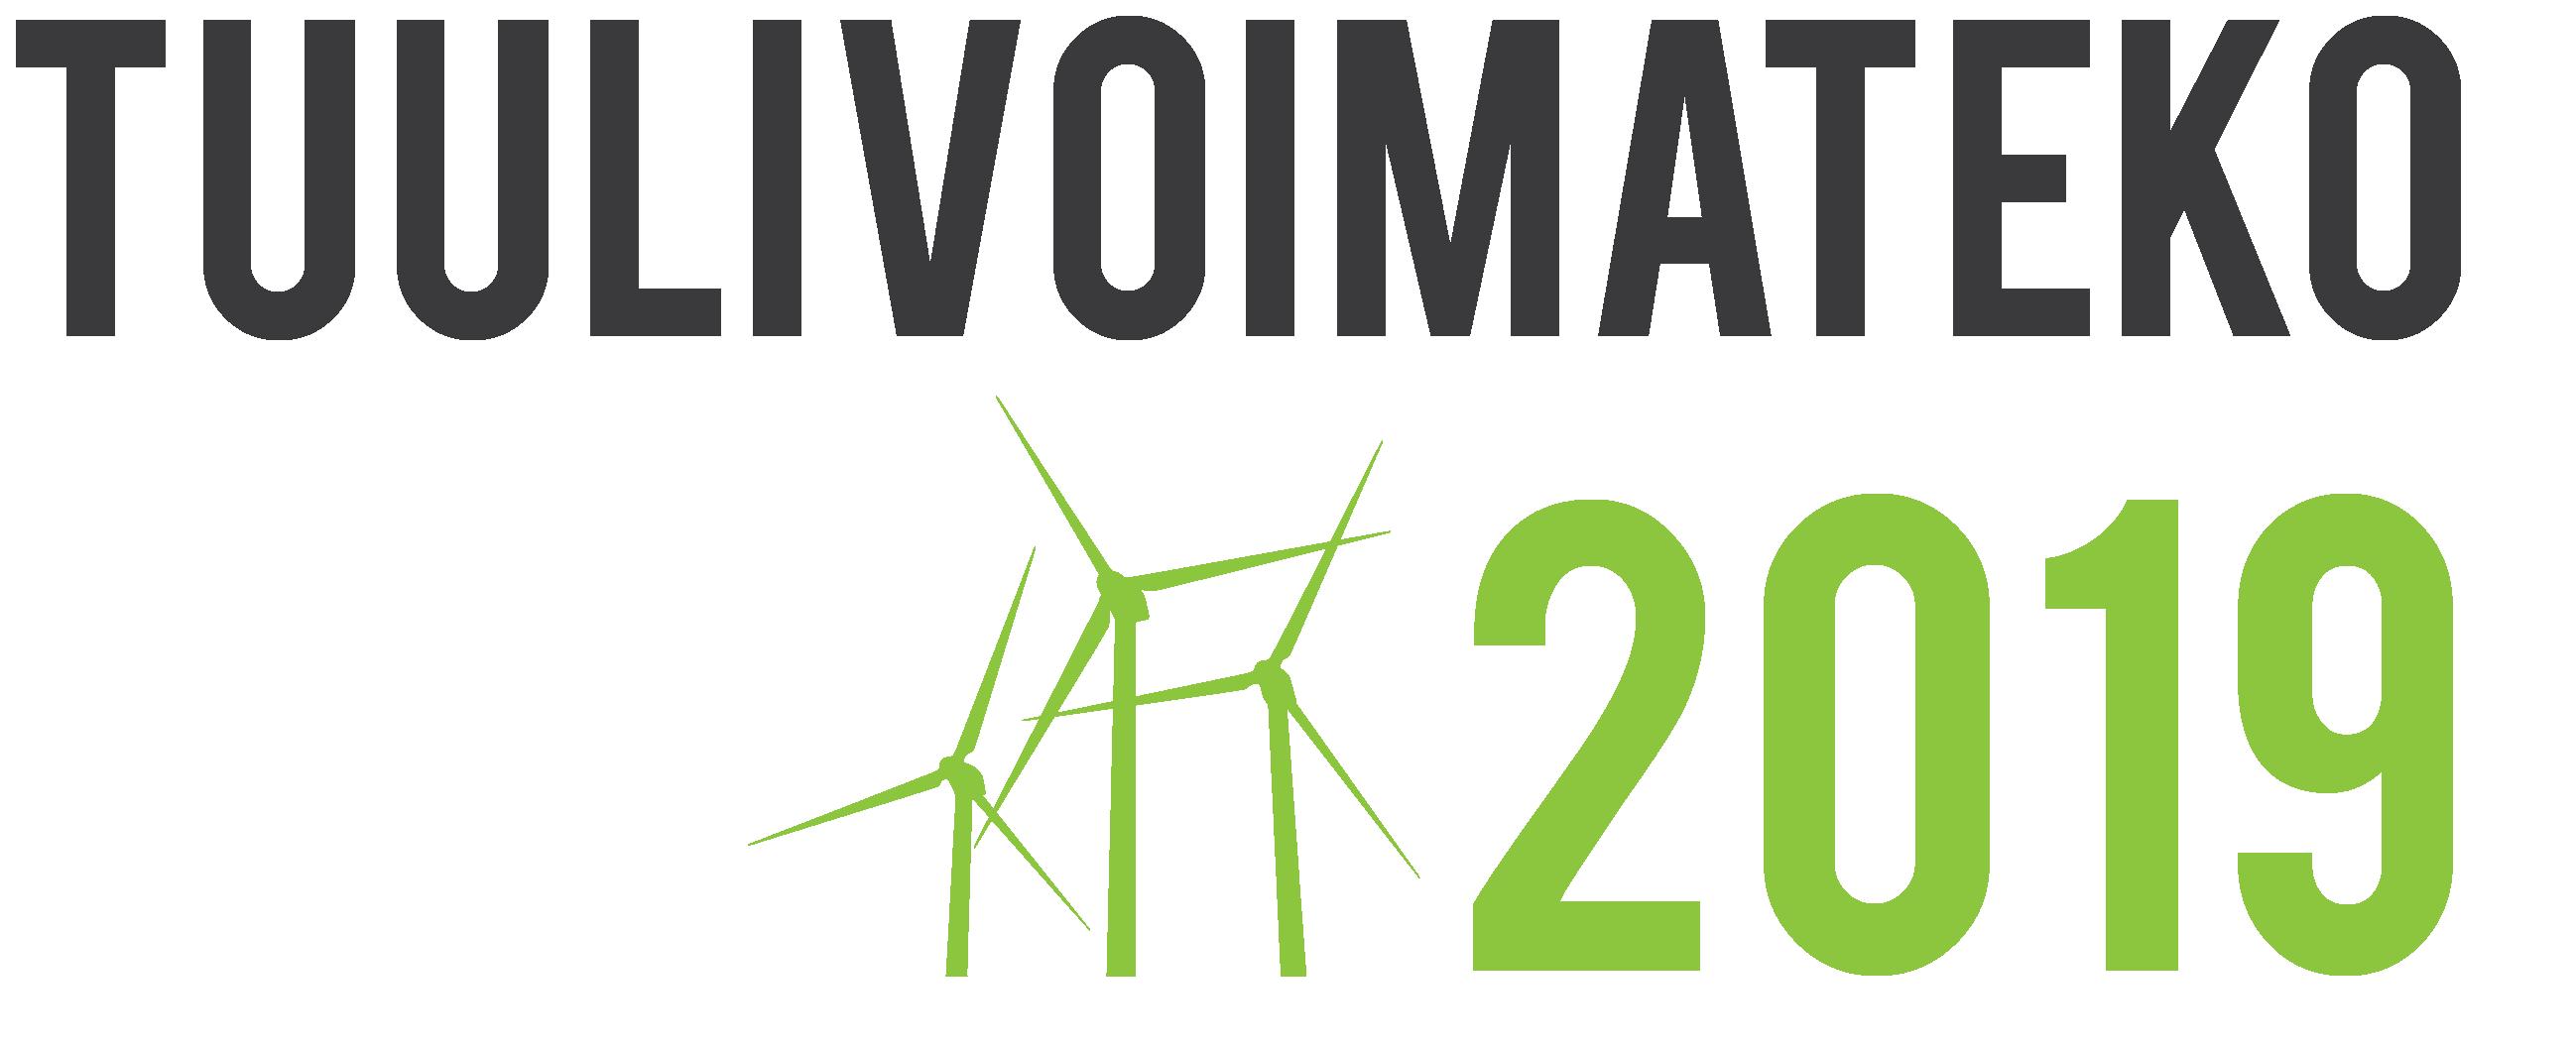 Tuulivoimateko 2019